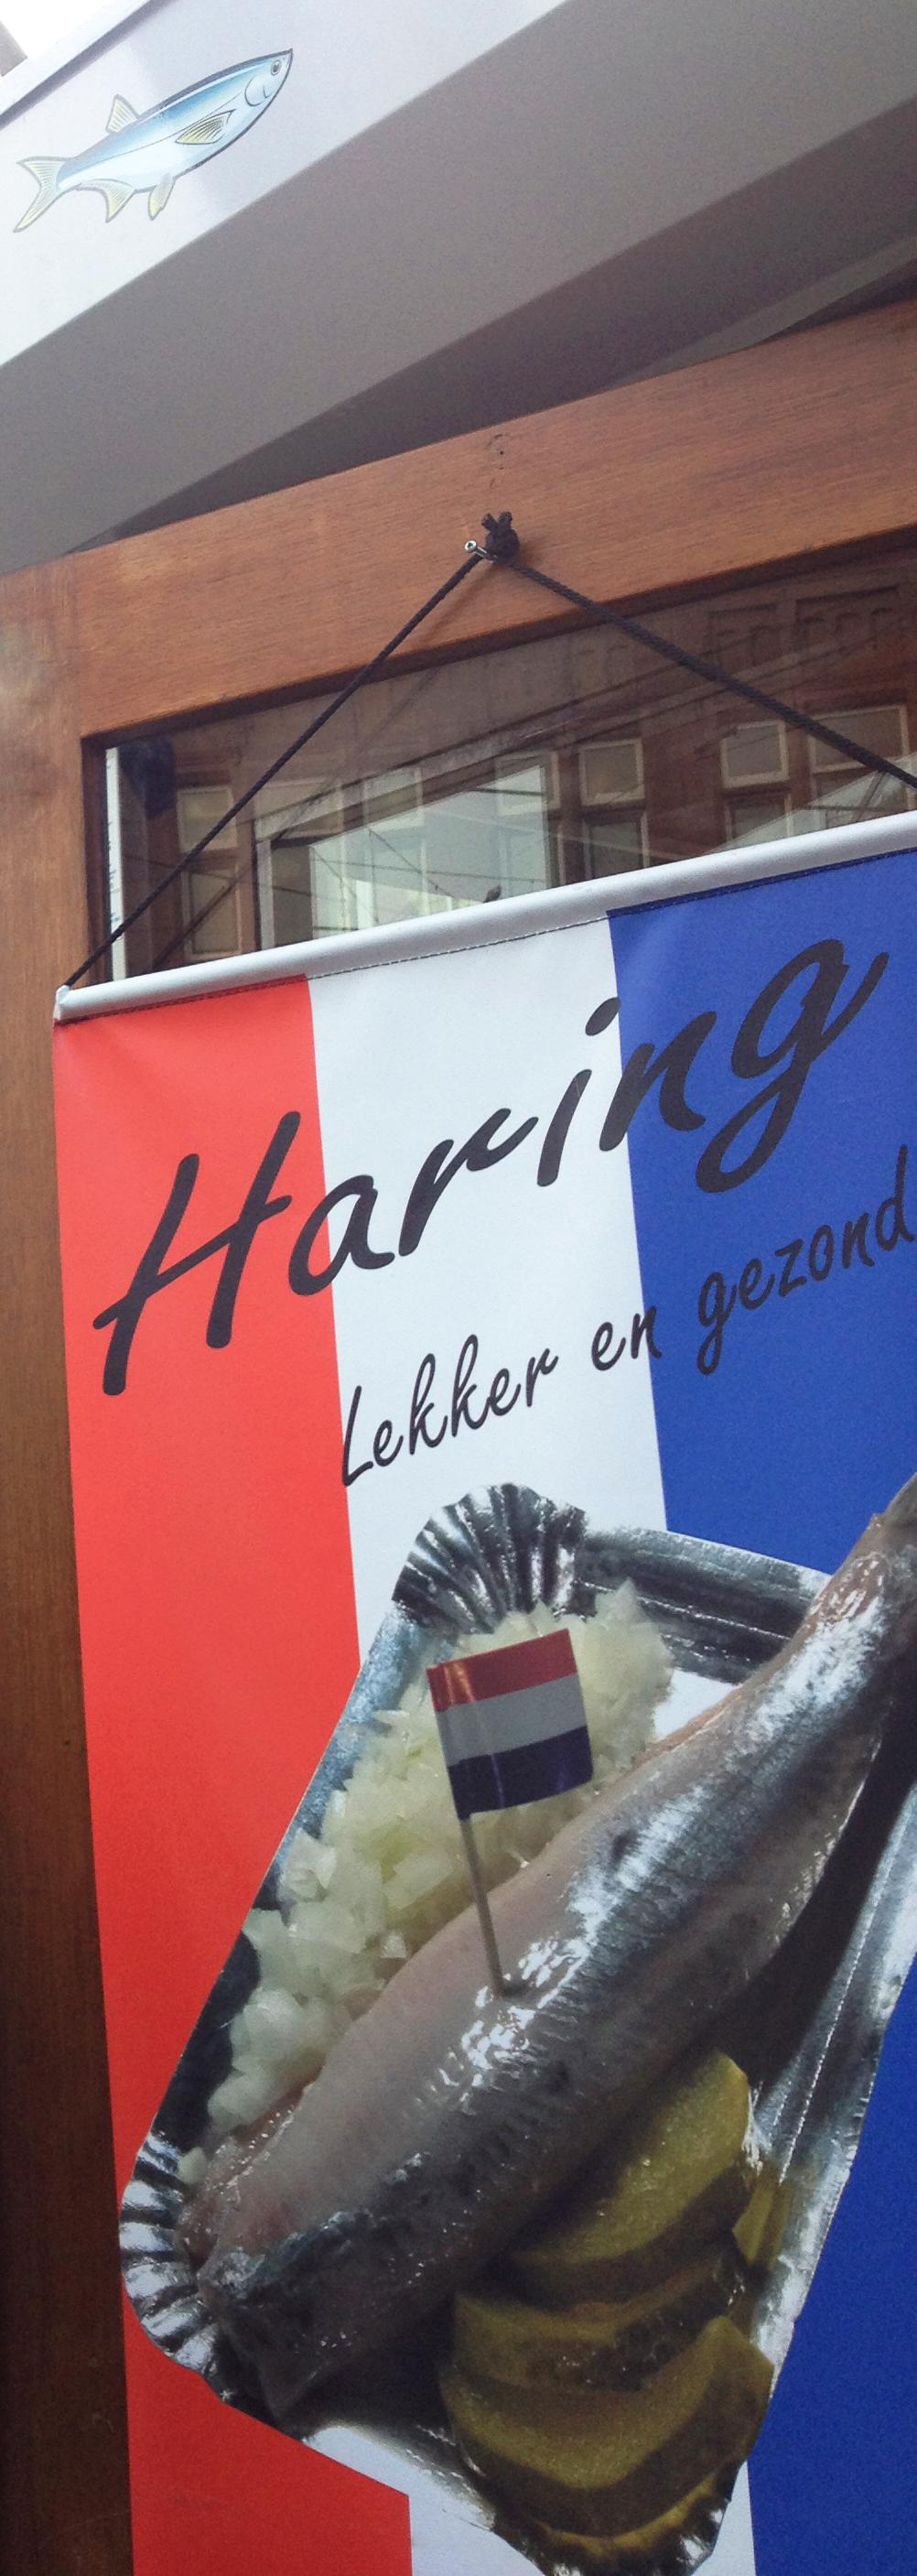 Foto mostra parte da barraquinha que vende haring, decorada com um banner que tem as cores da bandeira holandesa (vermelho, branco e azul) e uma imagem do haring.